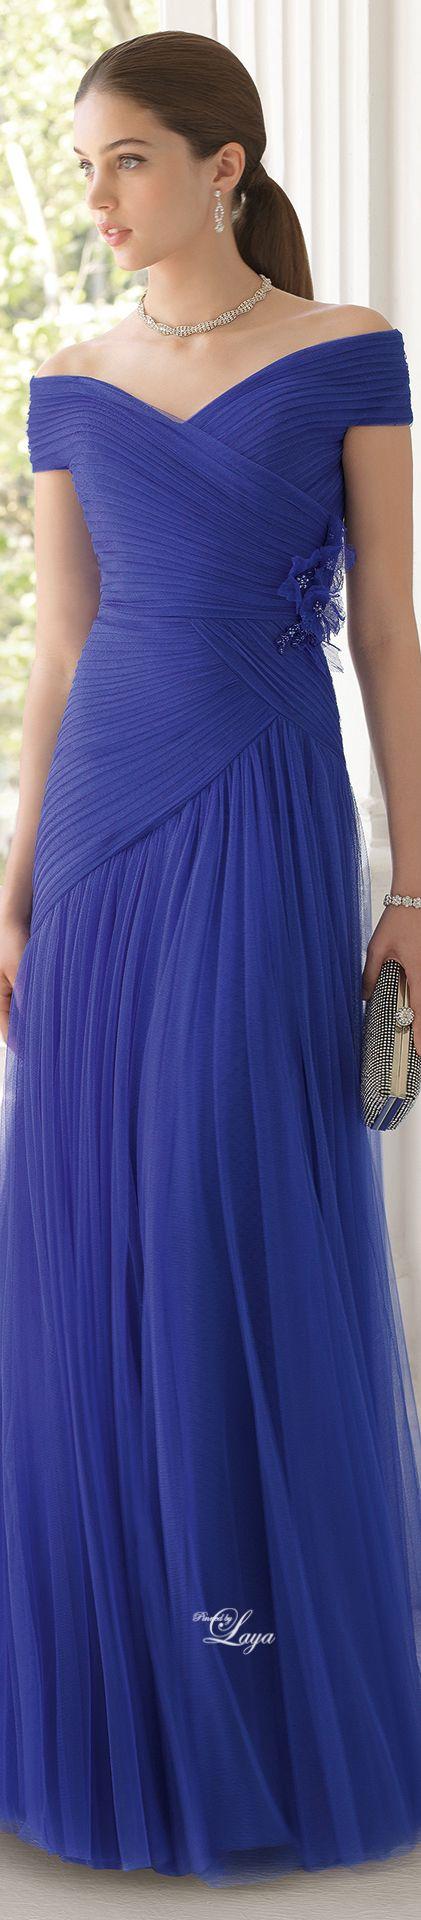 Mejores 184 imágenes de madrina en Pinterest | Vestidos de noche ...